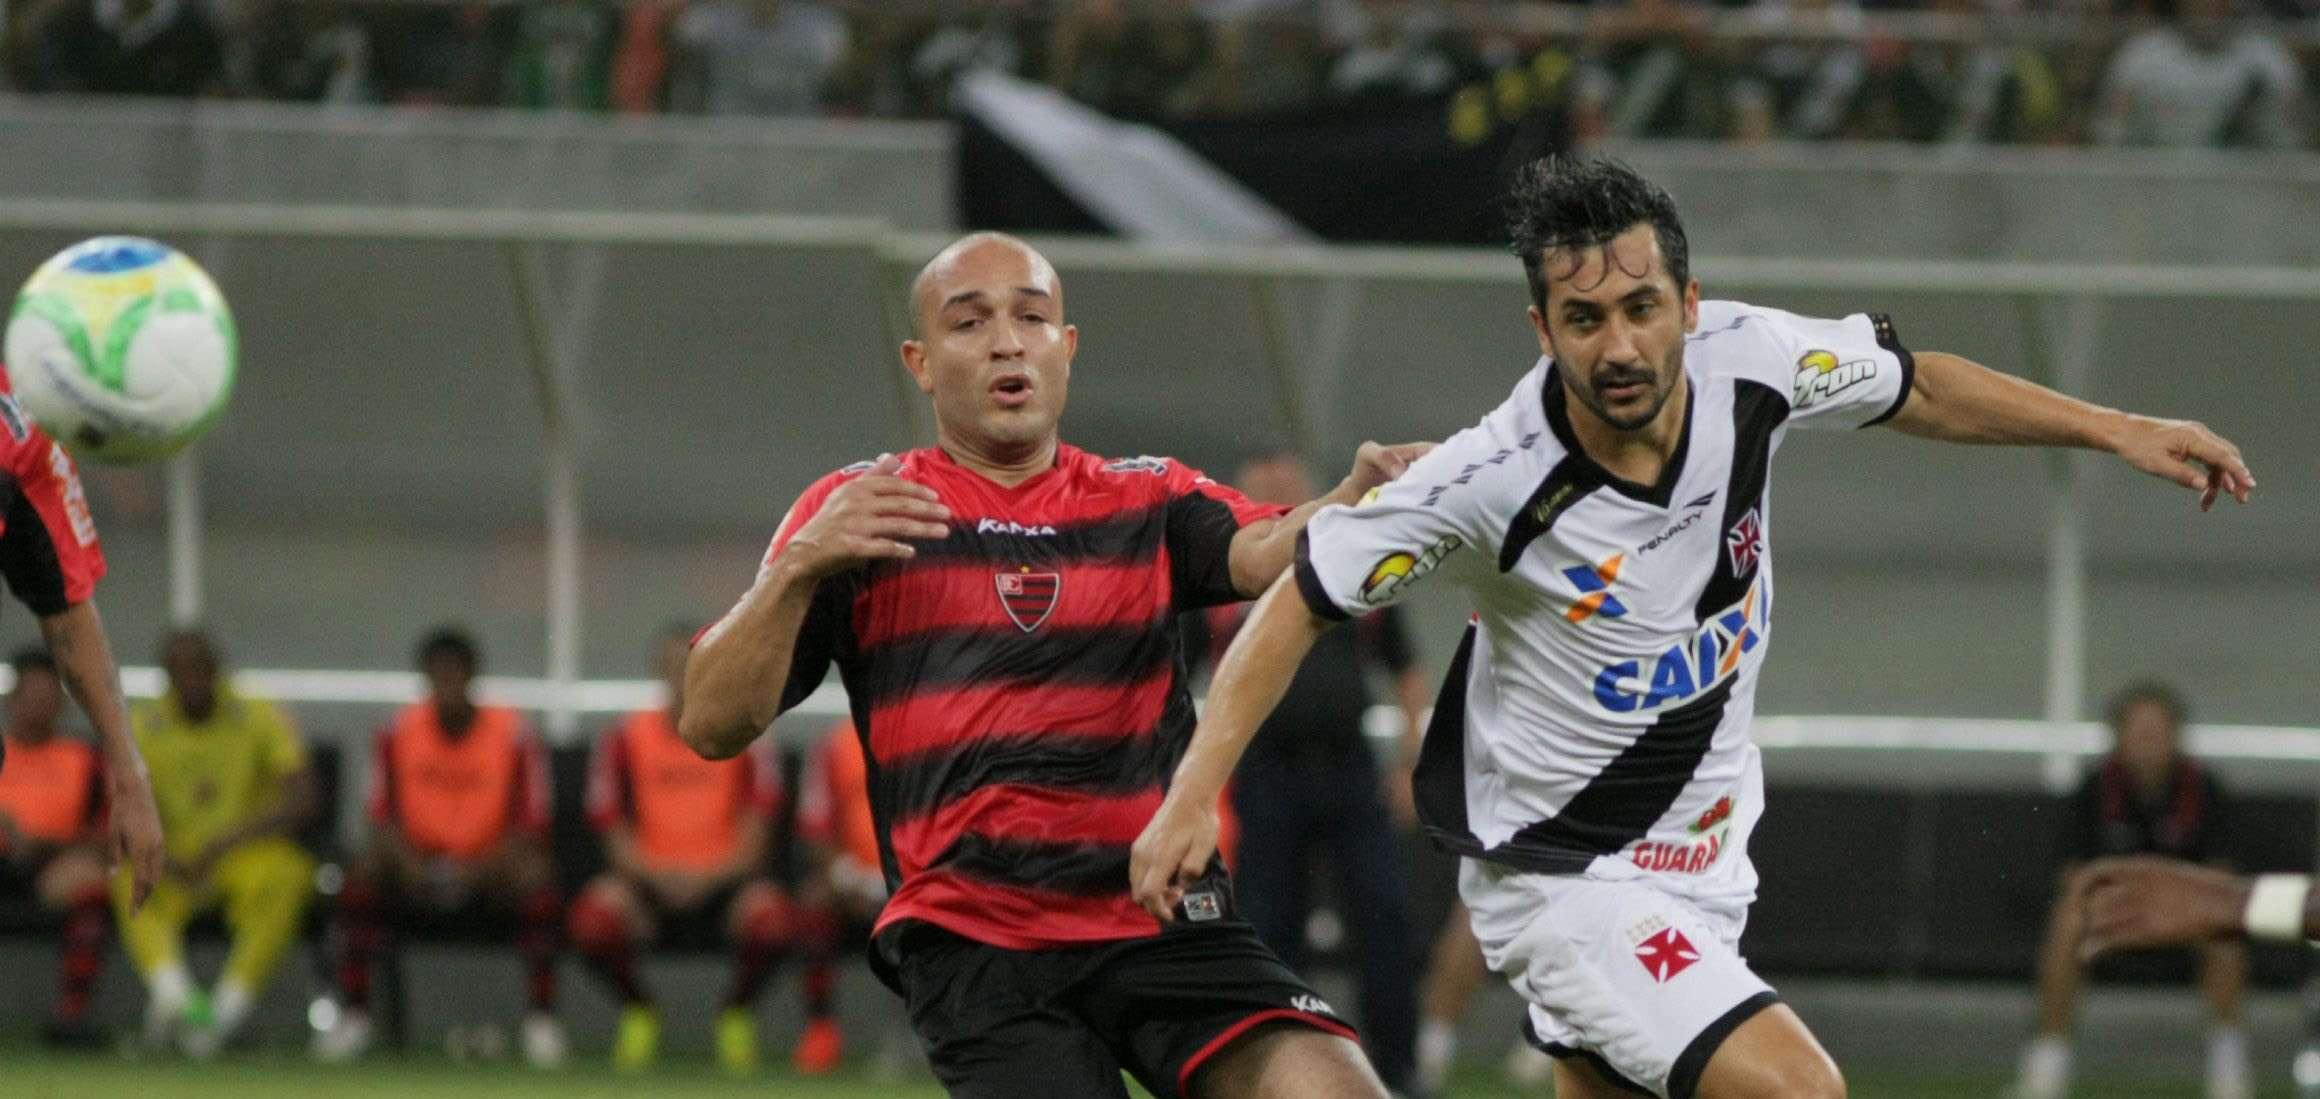 Douglas teve atuação apagada, mas fez gol de pênalti Foto: Clovis Miranda/ A Crítica/Agência Lance